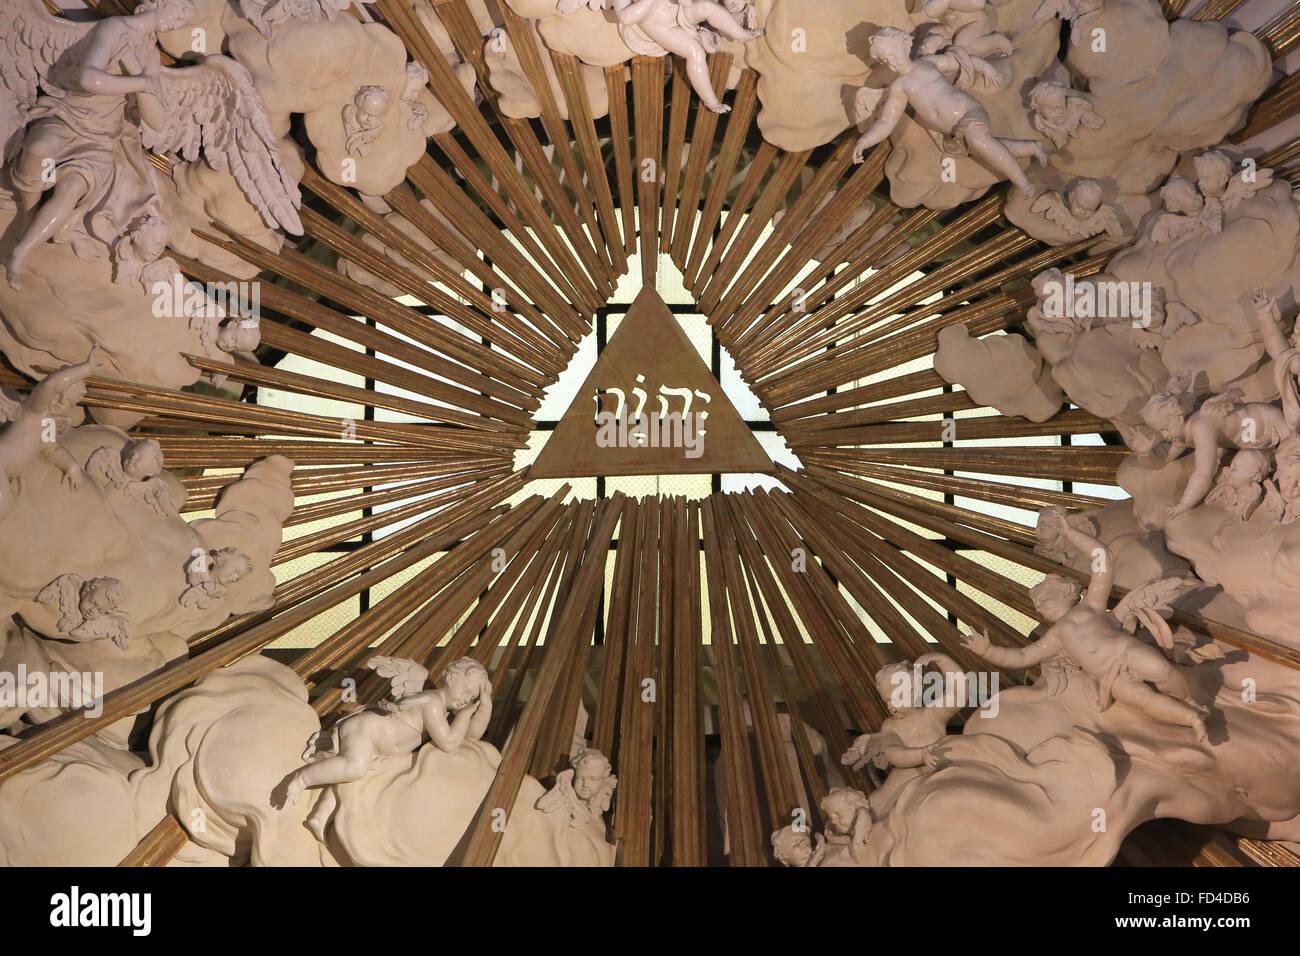 Tetragrammaton Yahweh Stock Photos & Tetragrammaton Yahweh